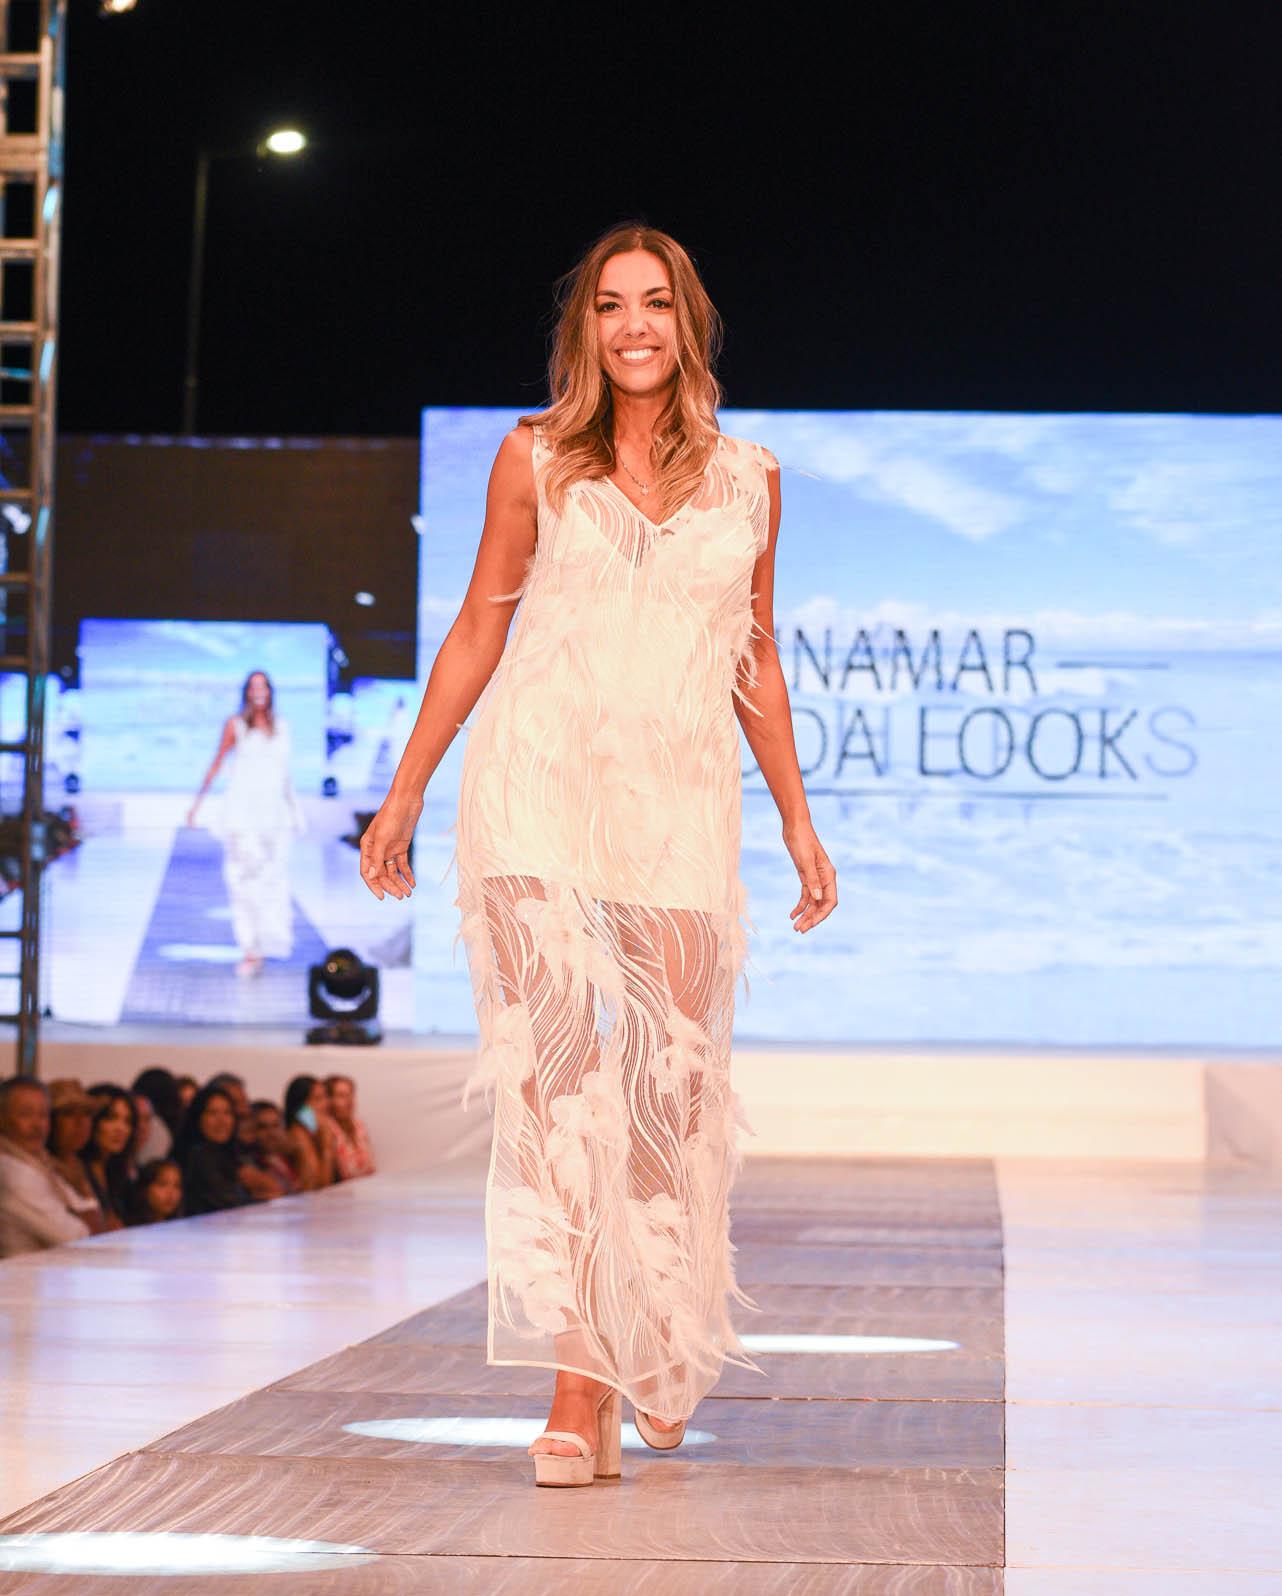 Glamour, diseño emergente y música caracterizaron el súper desfile de la temporada argentina en Pinamar